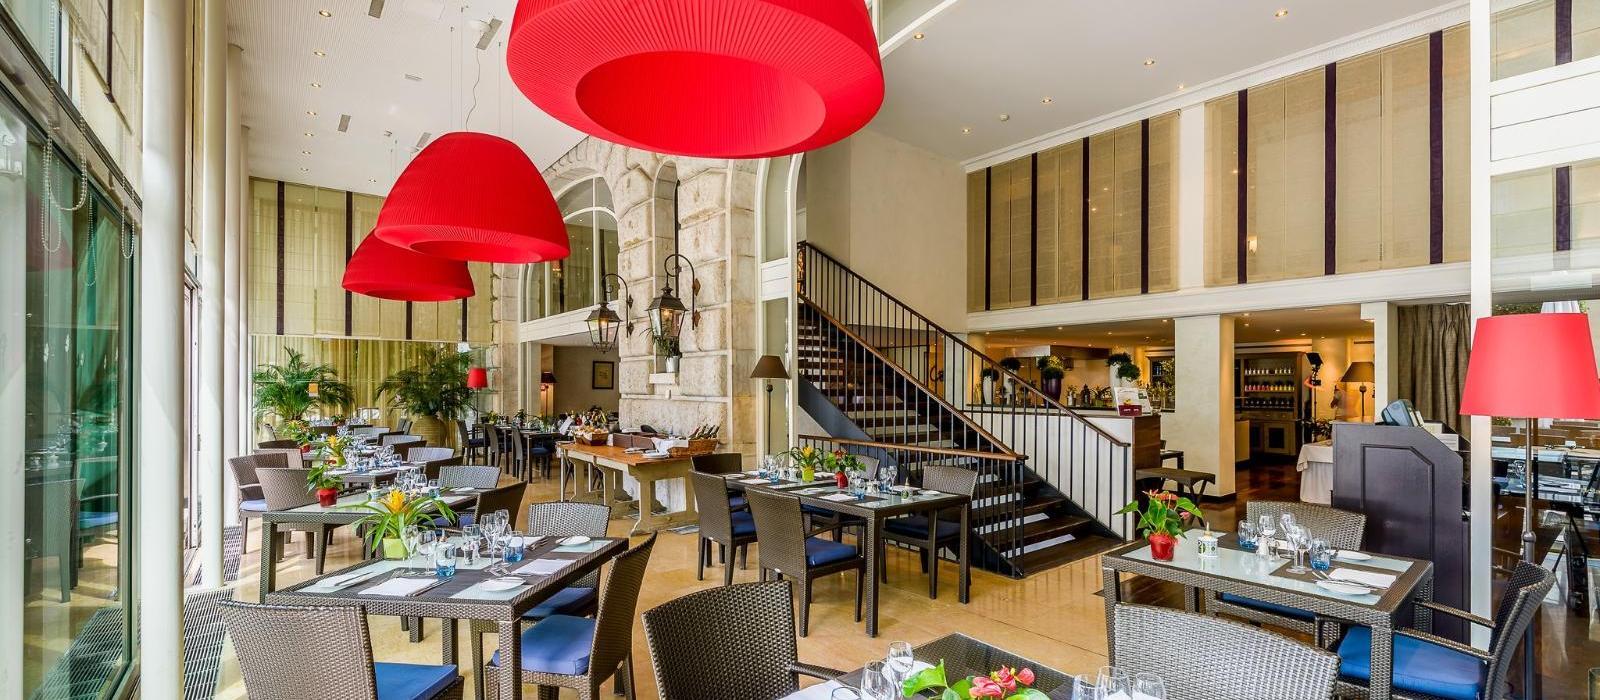 洛桑皇宫温泉酒店(Lausanne Palace) 图片  www.lhw.cn